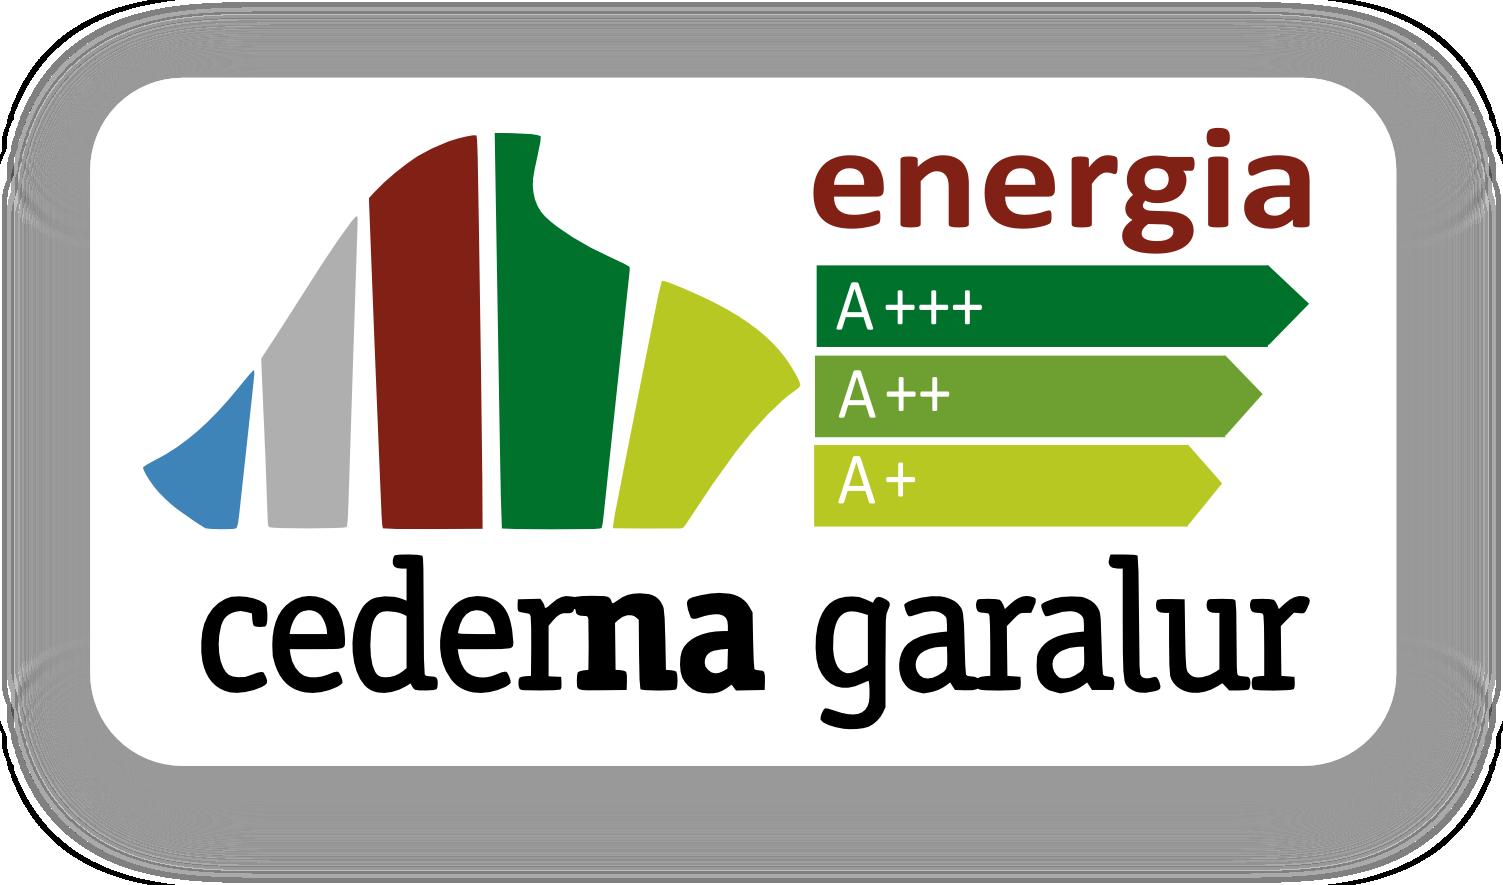 Cederna Garalur tramita en el IDAE la solicitud de préstamos por valor de 1.749.000 euros para la sustitución de alumbrado público en 13 municipios de la Montaña de Navarra.